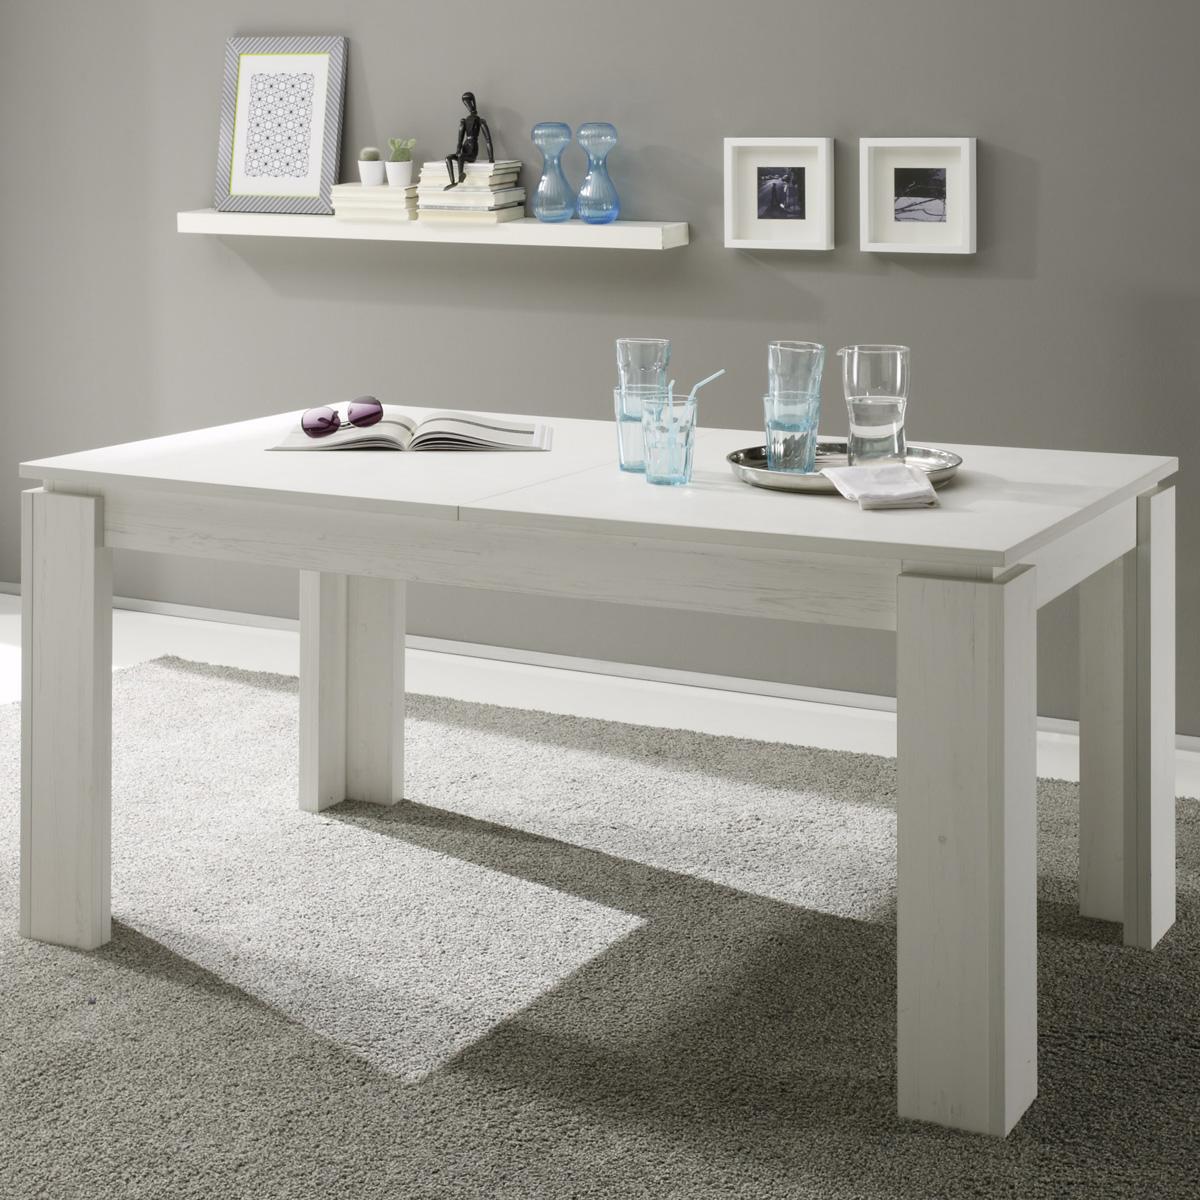 esstisch universal pinie struktur wei ausziehtisch esszimmer tisch k chentisch ebay. Black Bedroom Furniture Sets. Home Design Ideas